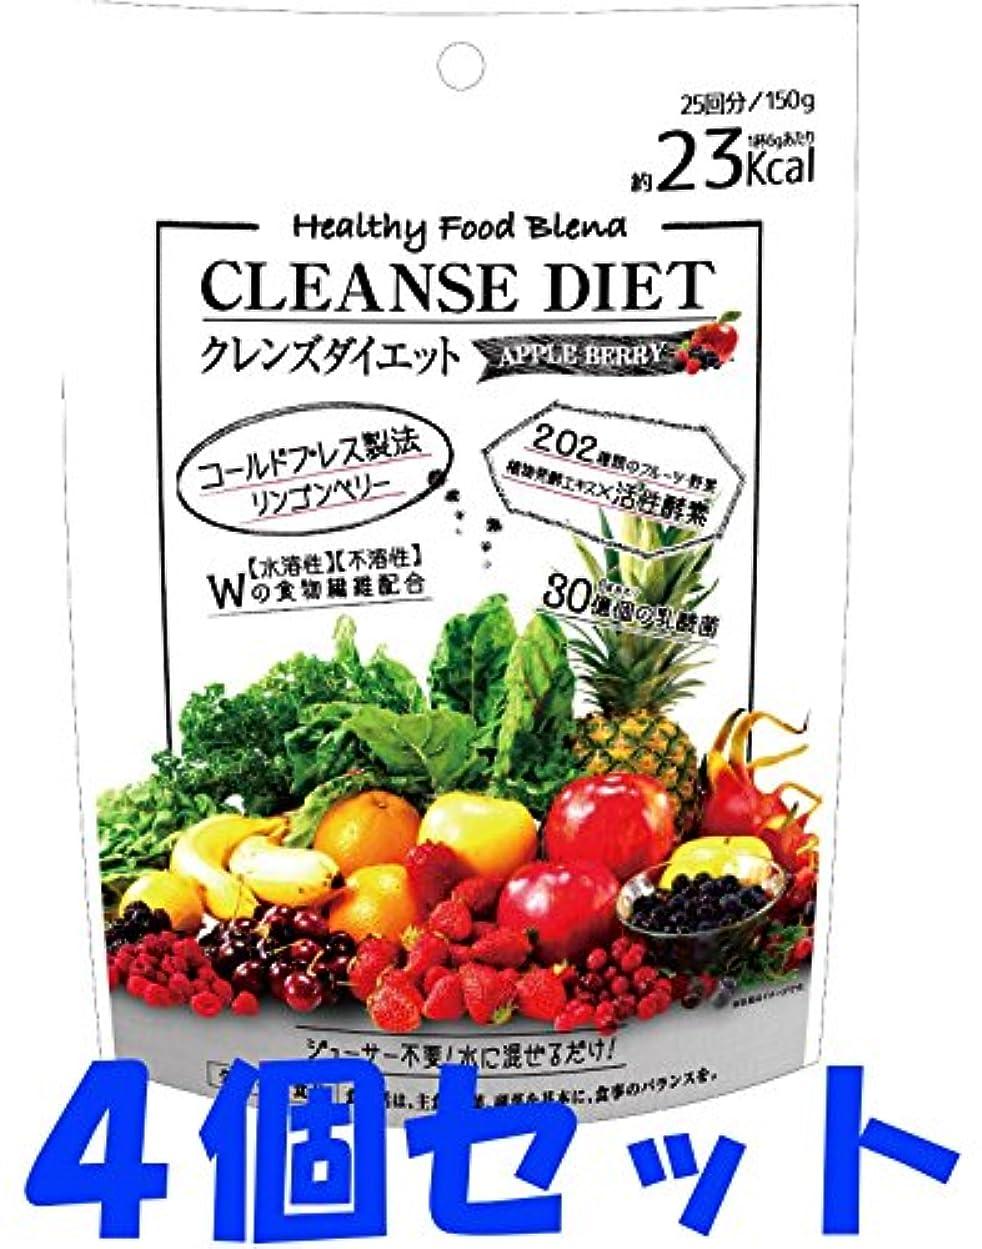 イル洗練処方する【4個セット】クレンズ ダイエット アップルベリー 150g